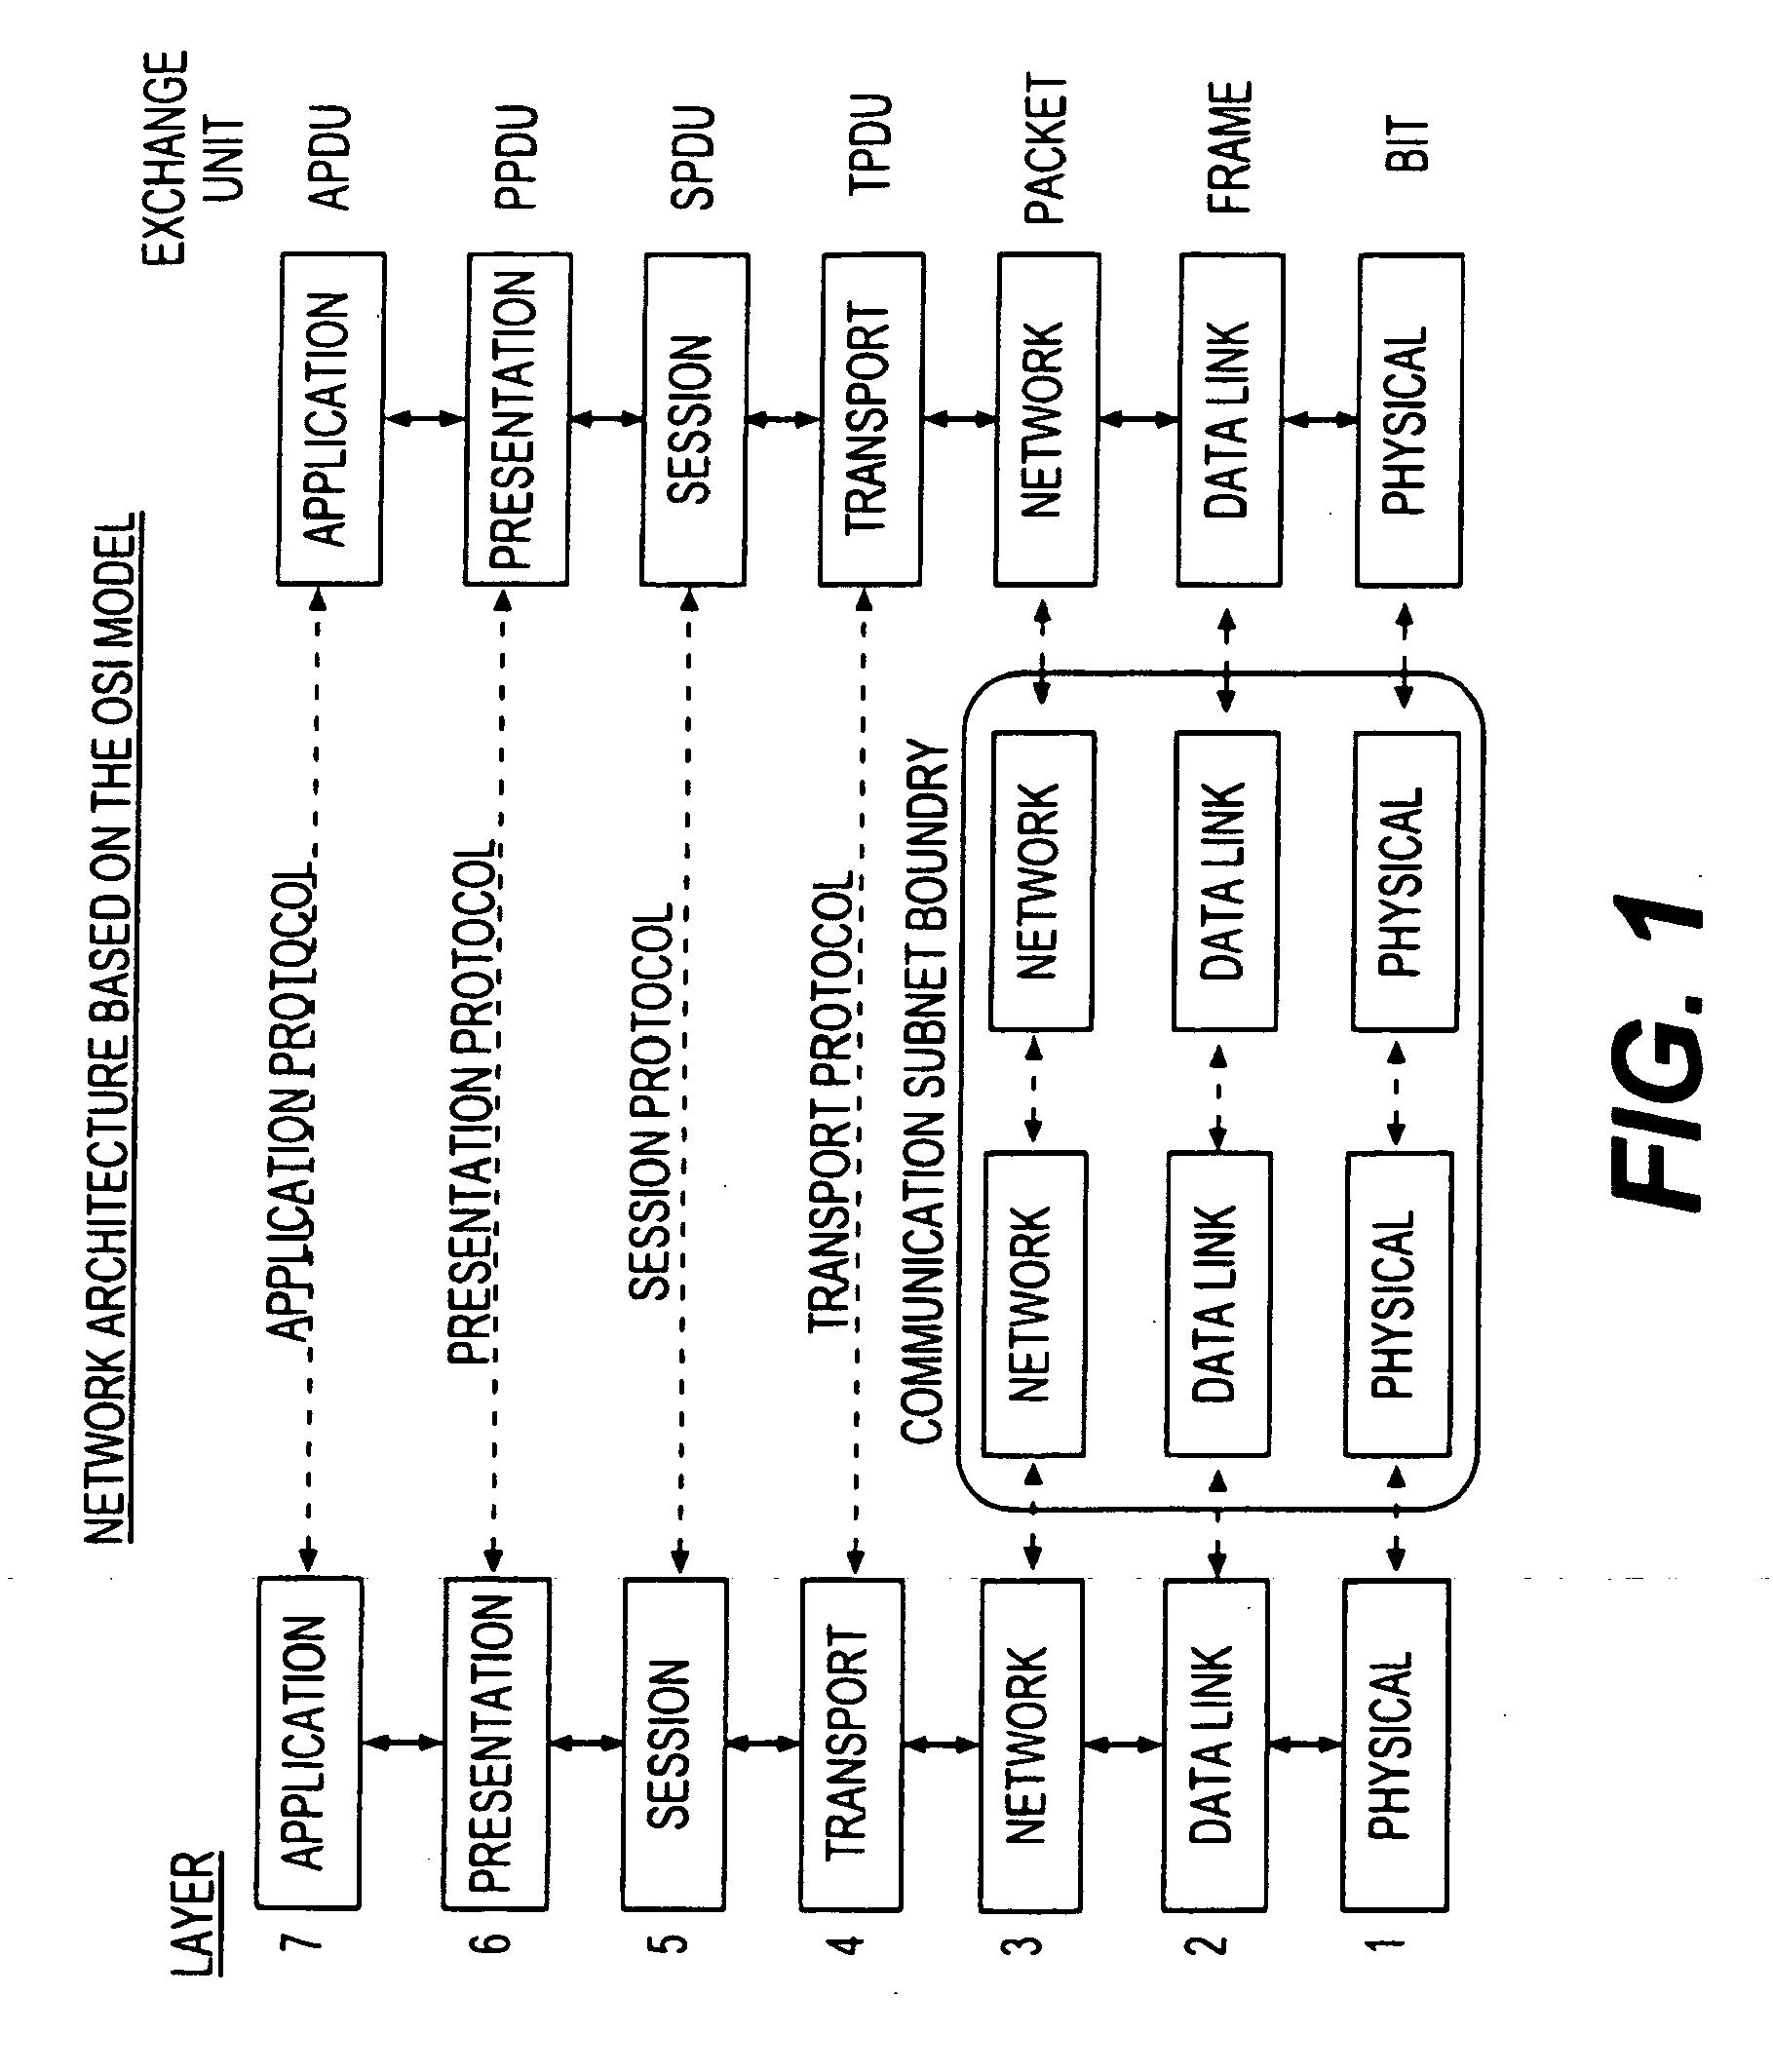 patent ep2200372b1 verwendung eines minimalen. Black Bedroom Furniture Sets. Home Design Ideas